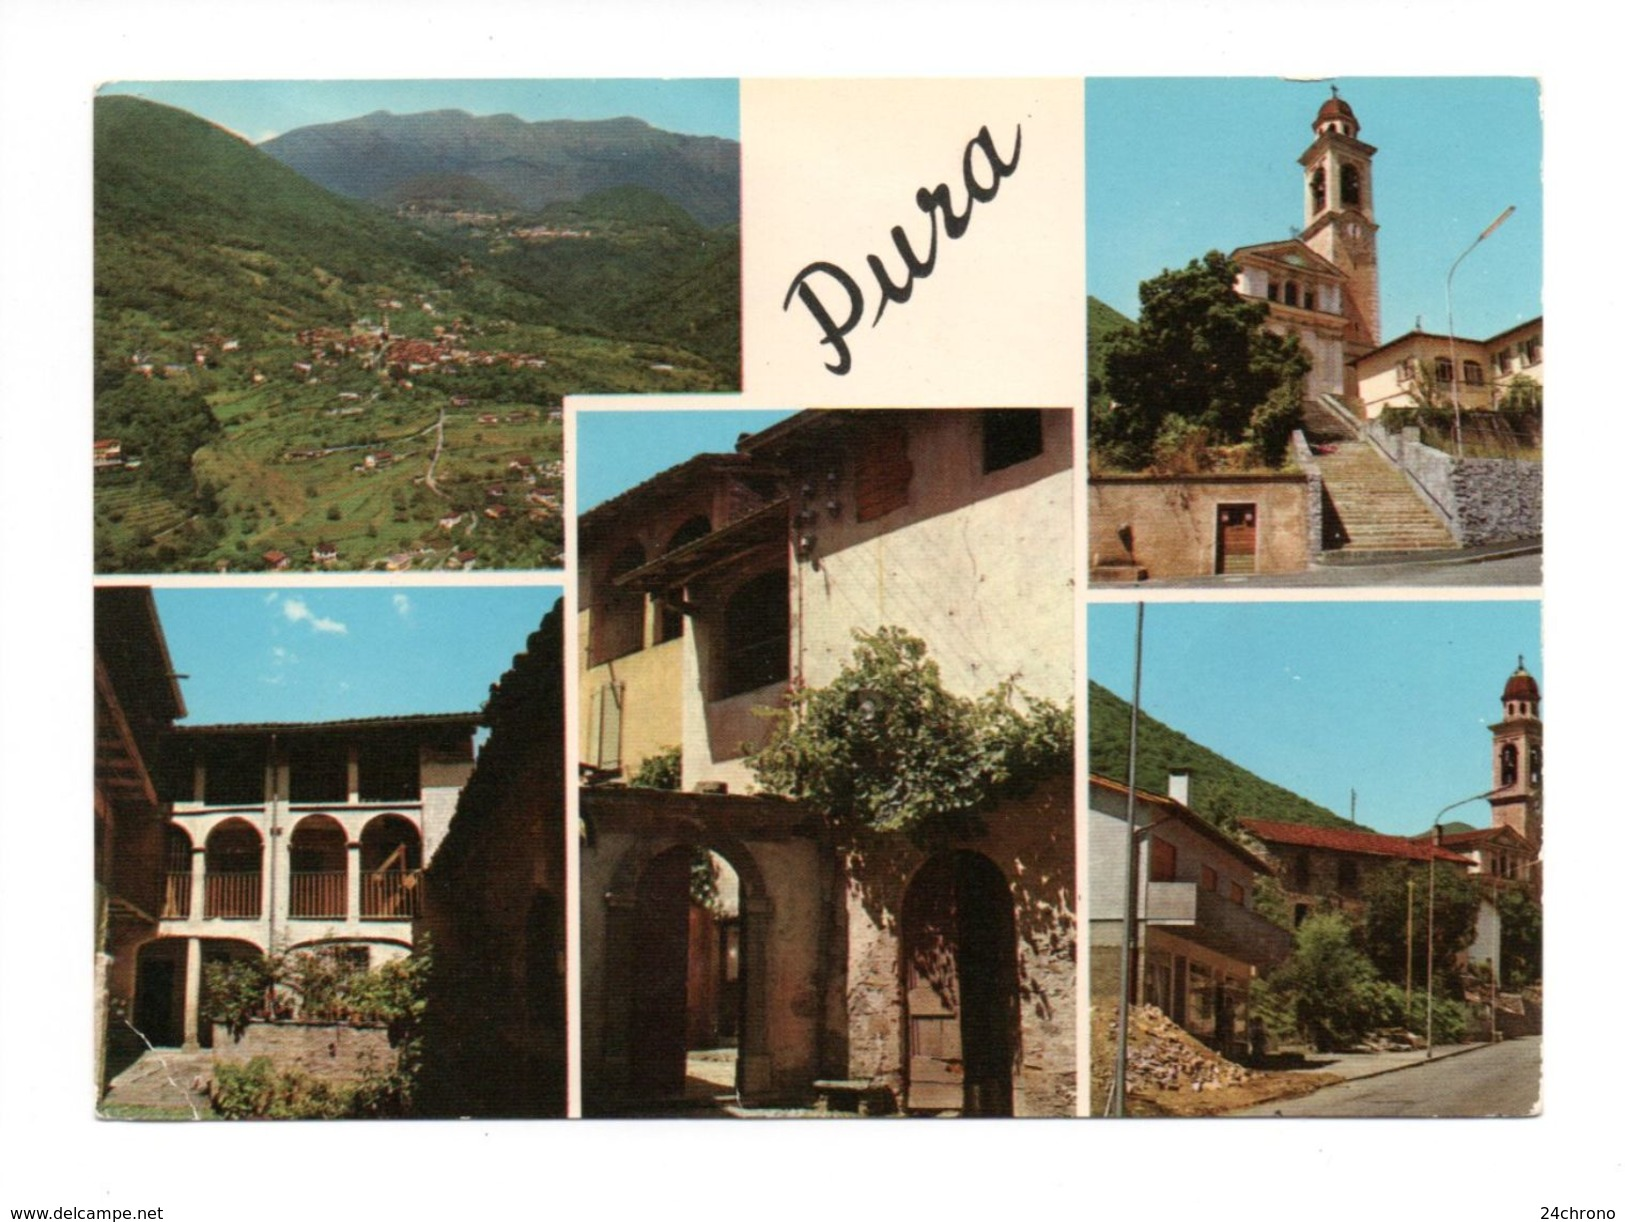 Suisse: Pura, Malcantone, Negozio Ermanno Rossinotti (17-1564) - TI Tessin